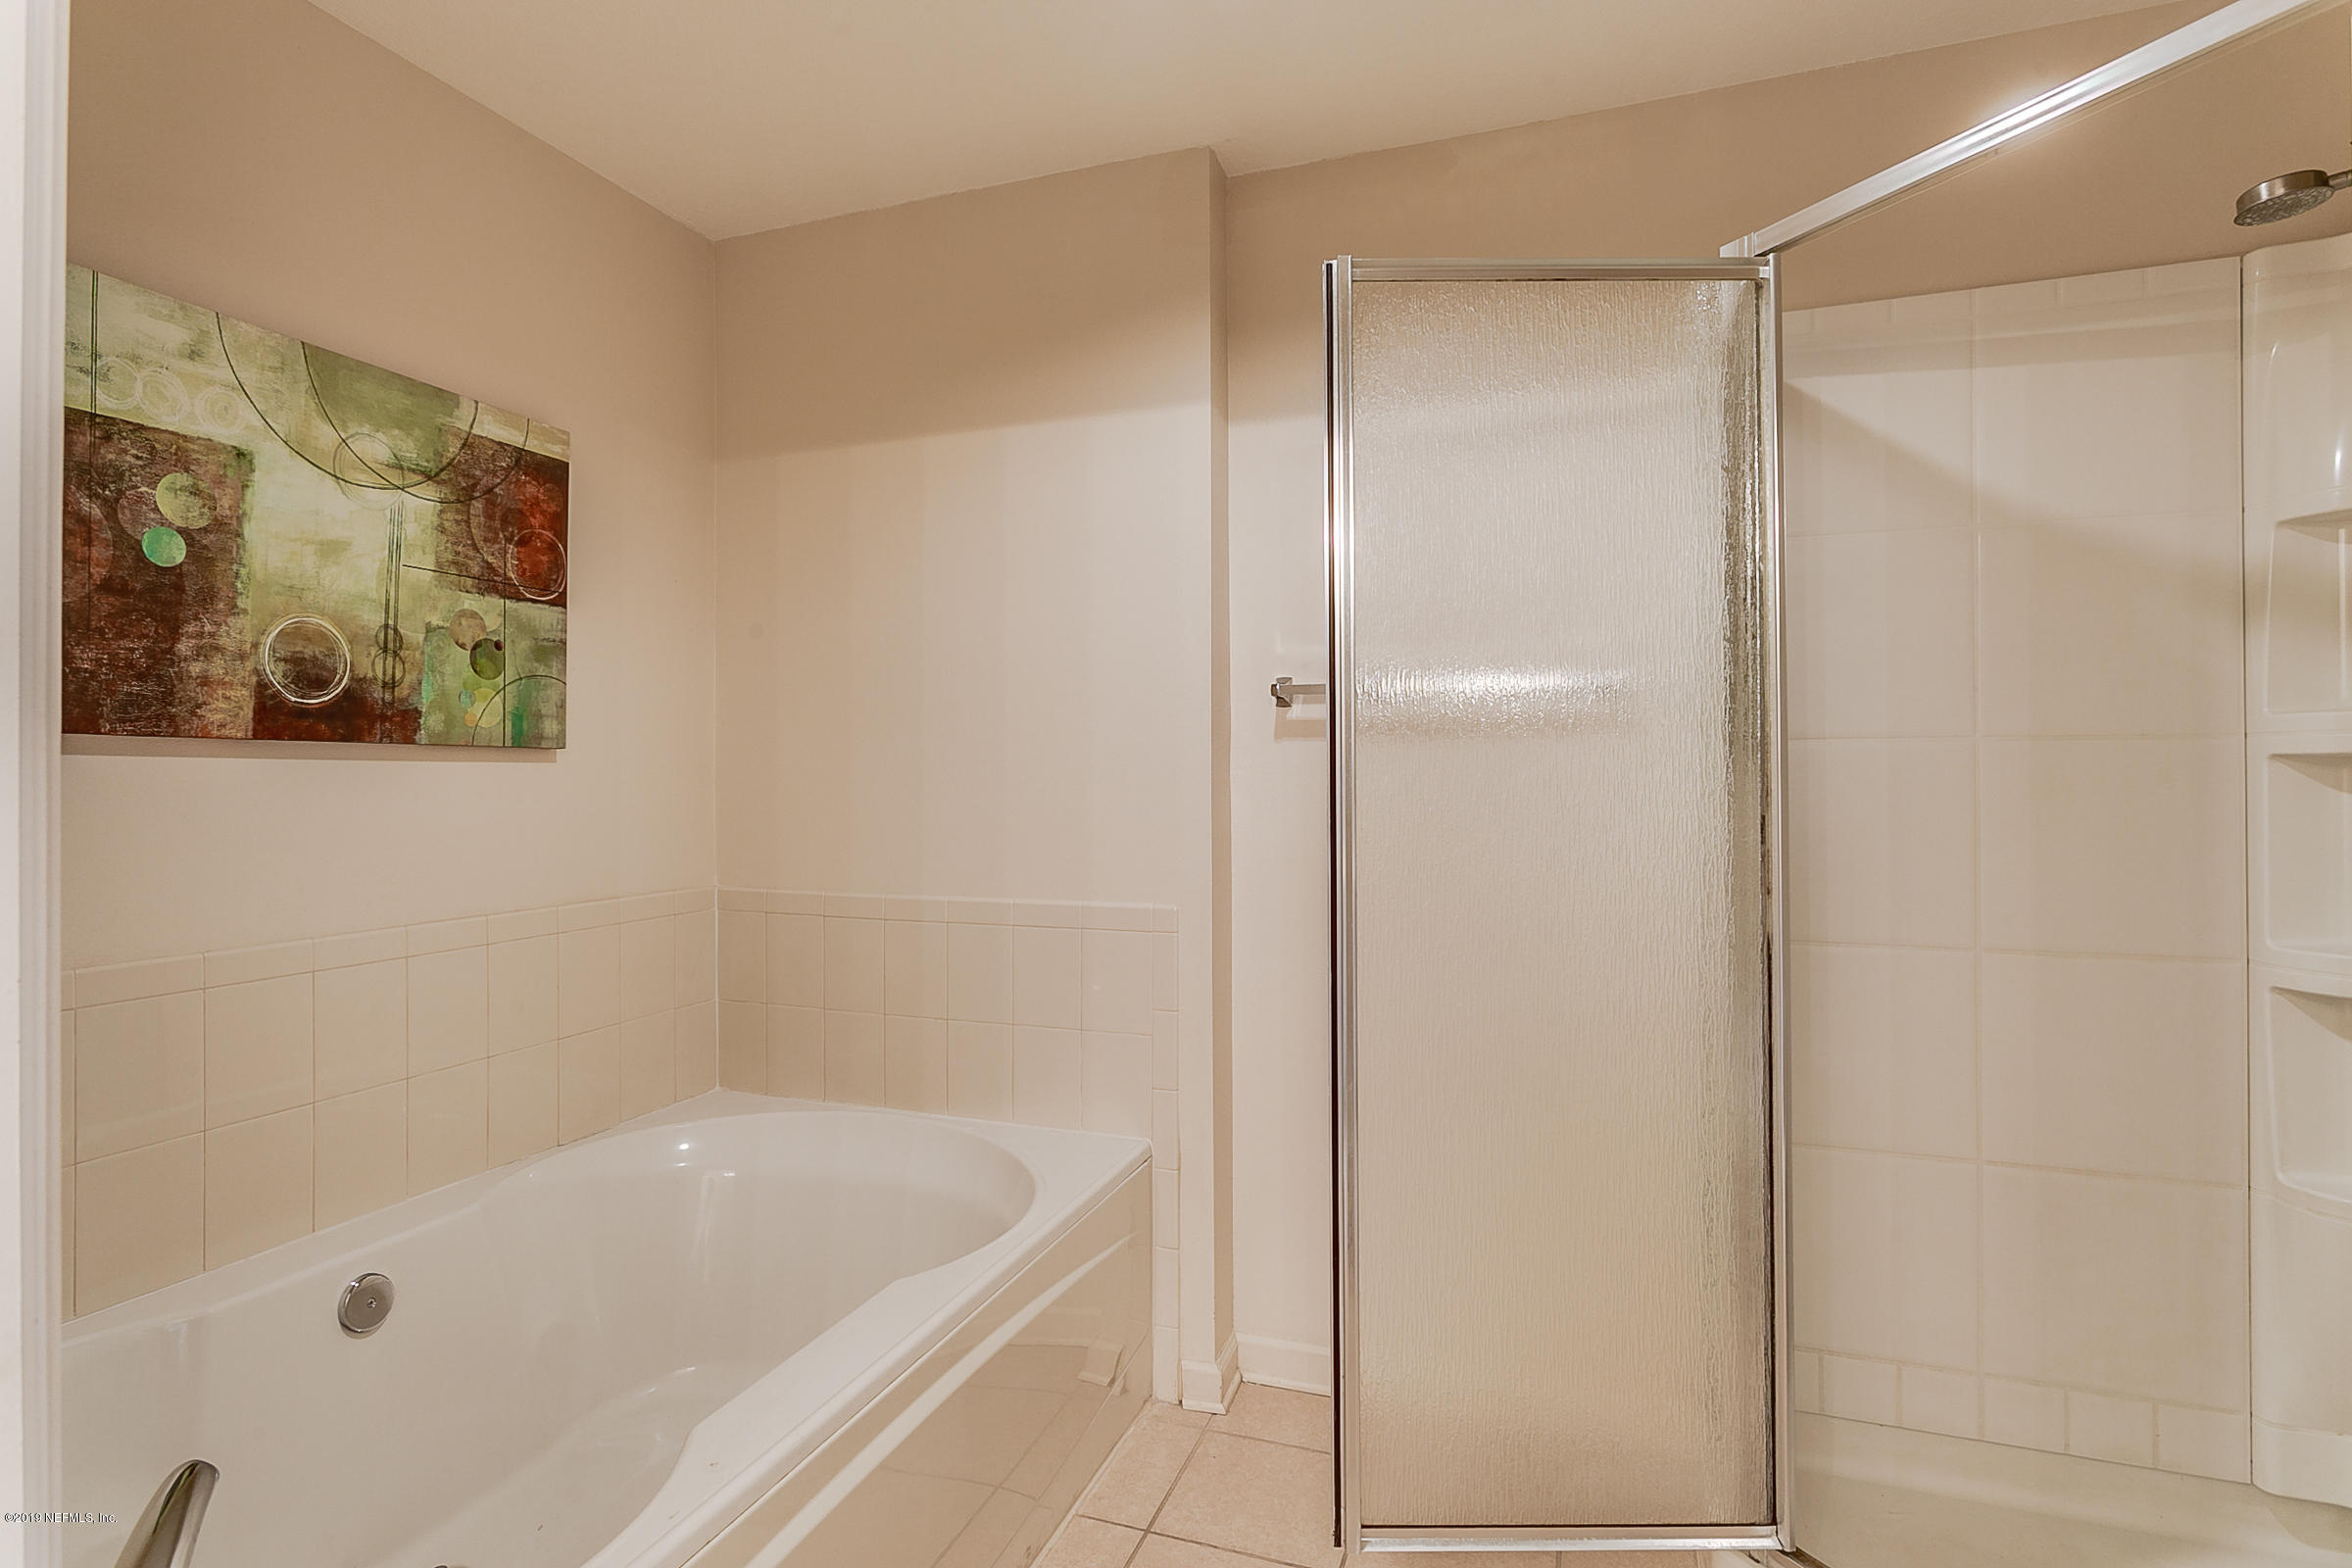 275 ATLANTIS, ST AUGUSTINE, FLORIDA 32080, 3 Bedrooms Bedrooms, ,2 BathroomsBathrooms,Condo,For sale,ATLANTIS,1016504